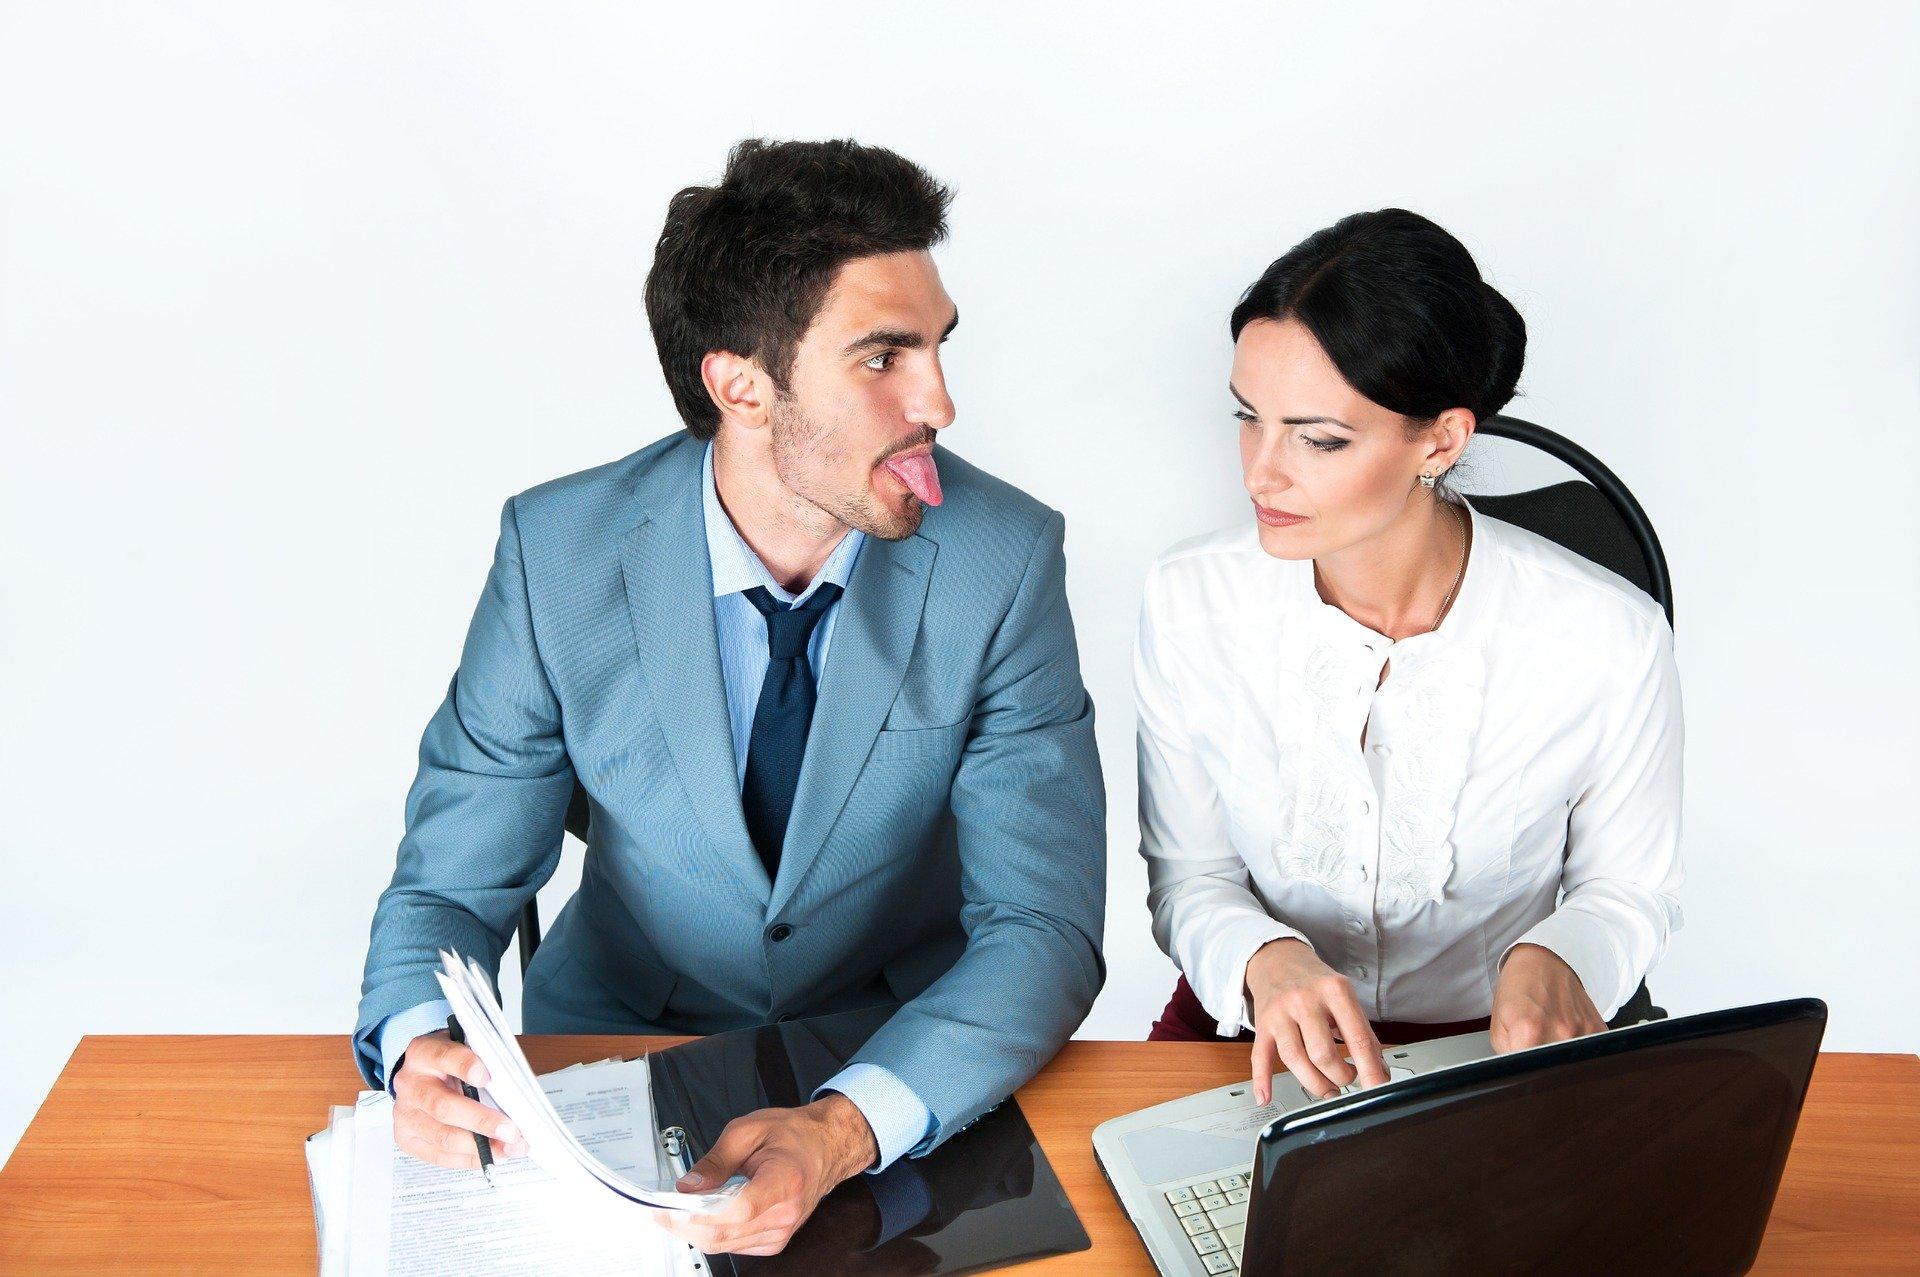 不倫を上司としてしまったら!?社内バレを防ぐために注意すべき行動と態度を徹底解明